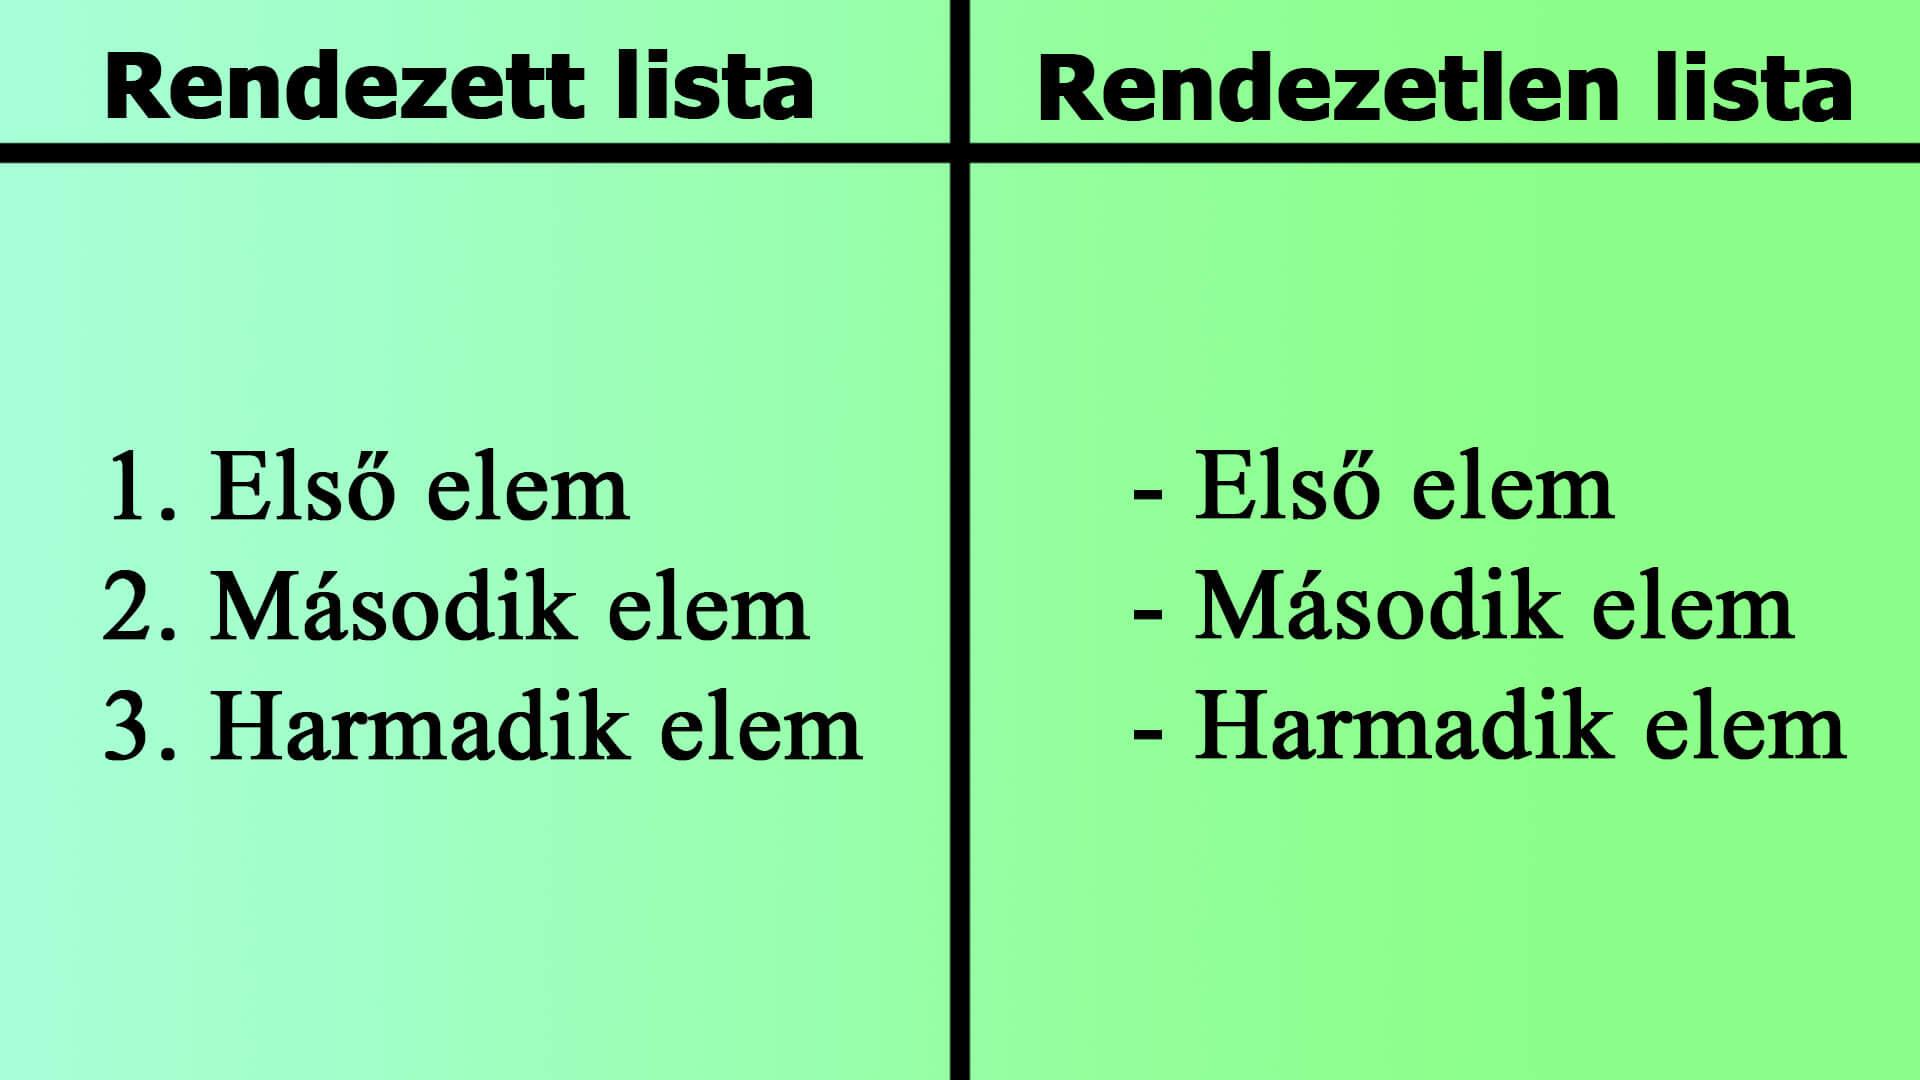 Rendezett és rendezetlen lista szemléltető kép (HTML ol, ul, li)